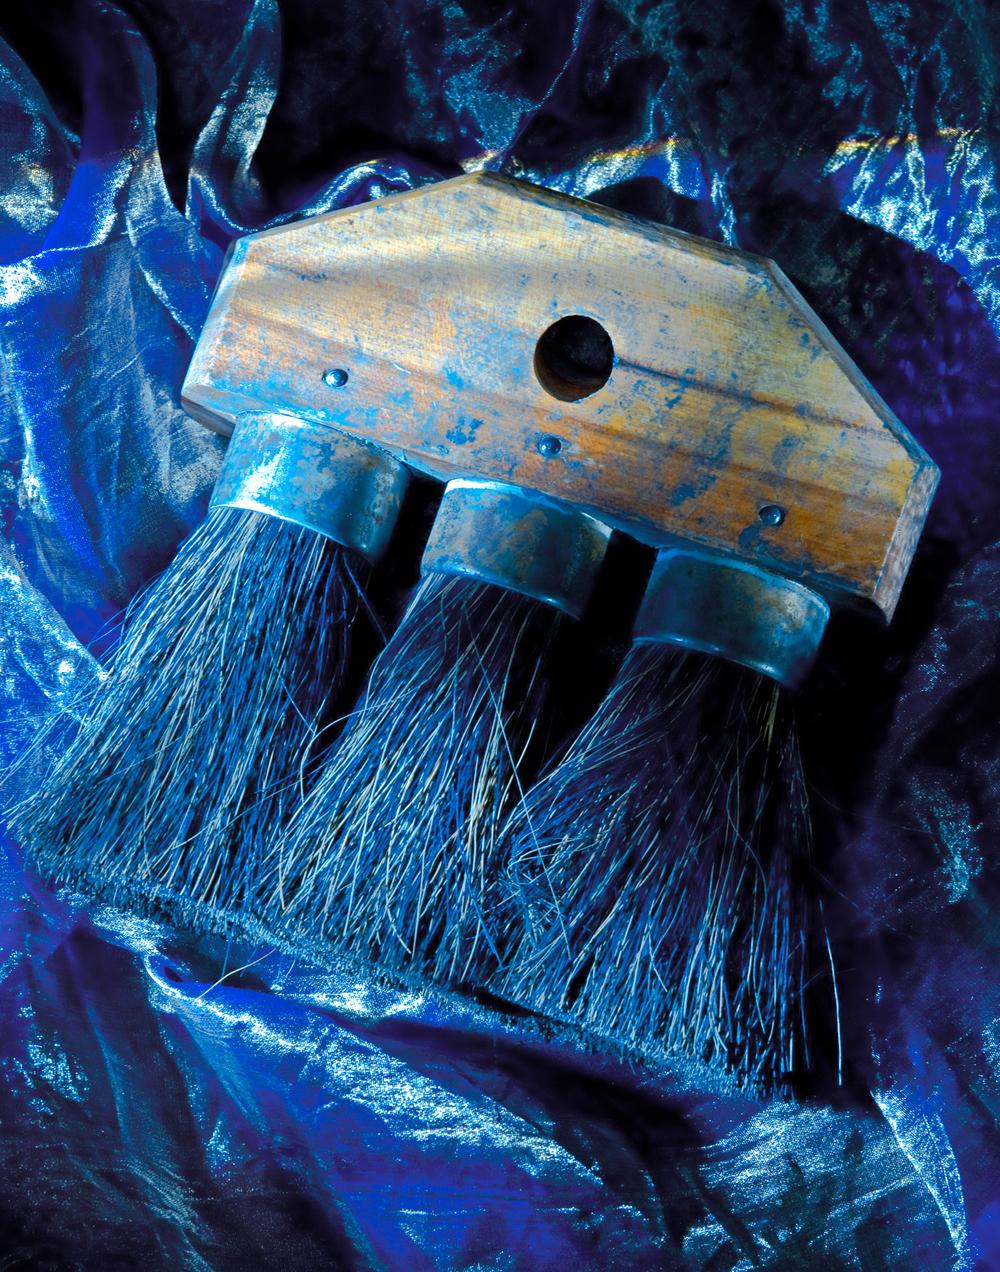 brushesInBlue.jpg